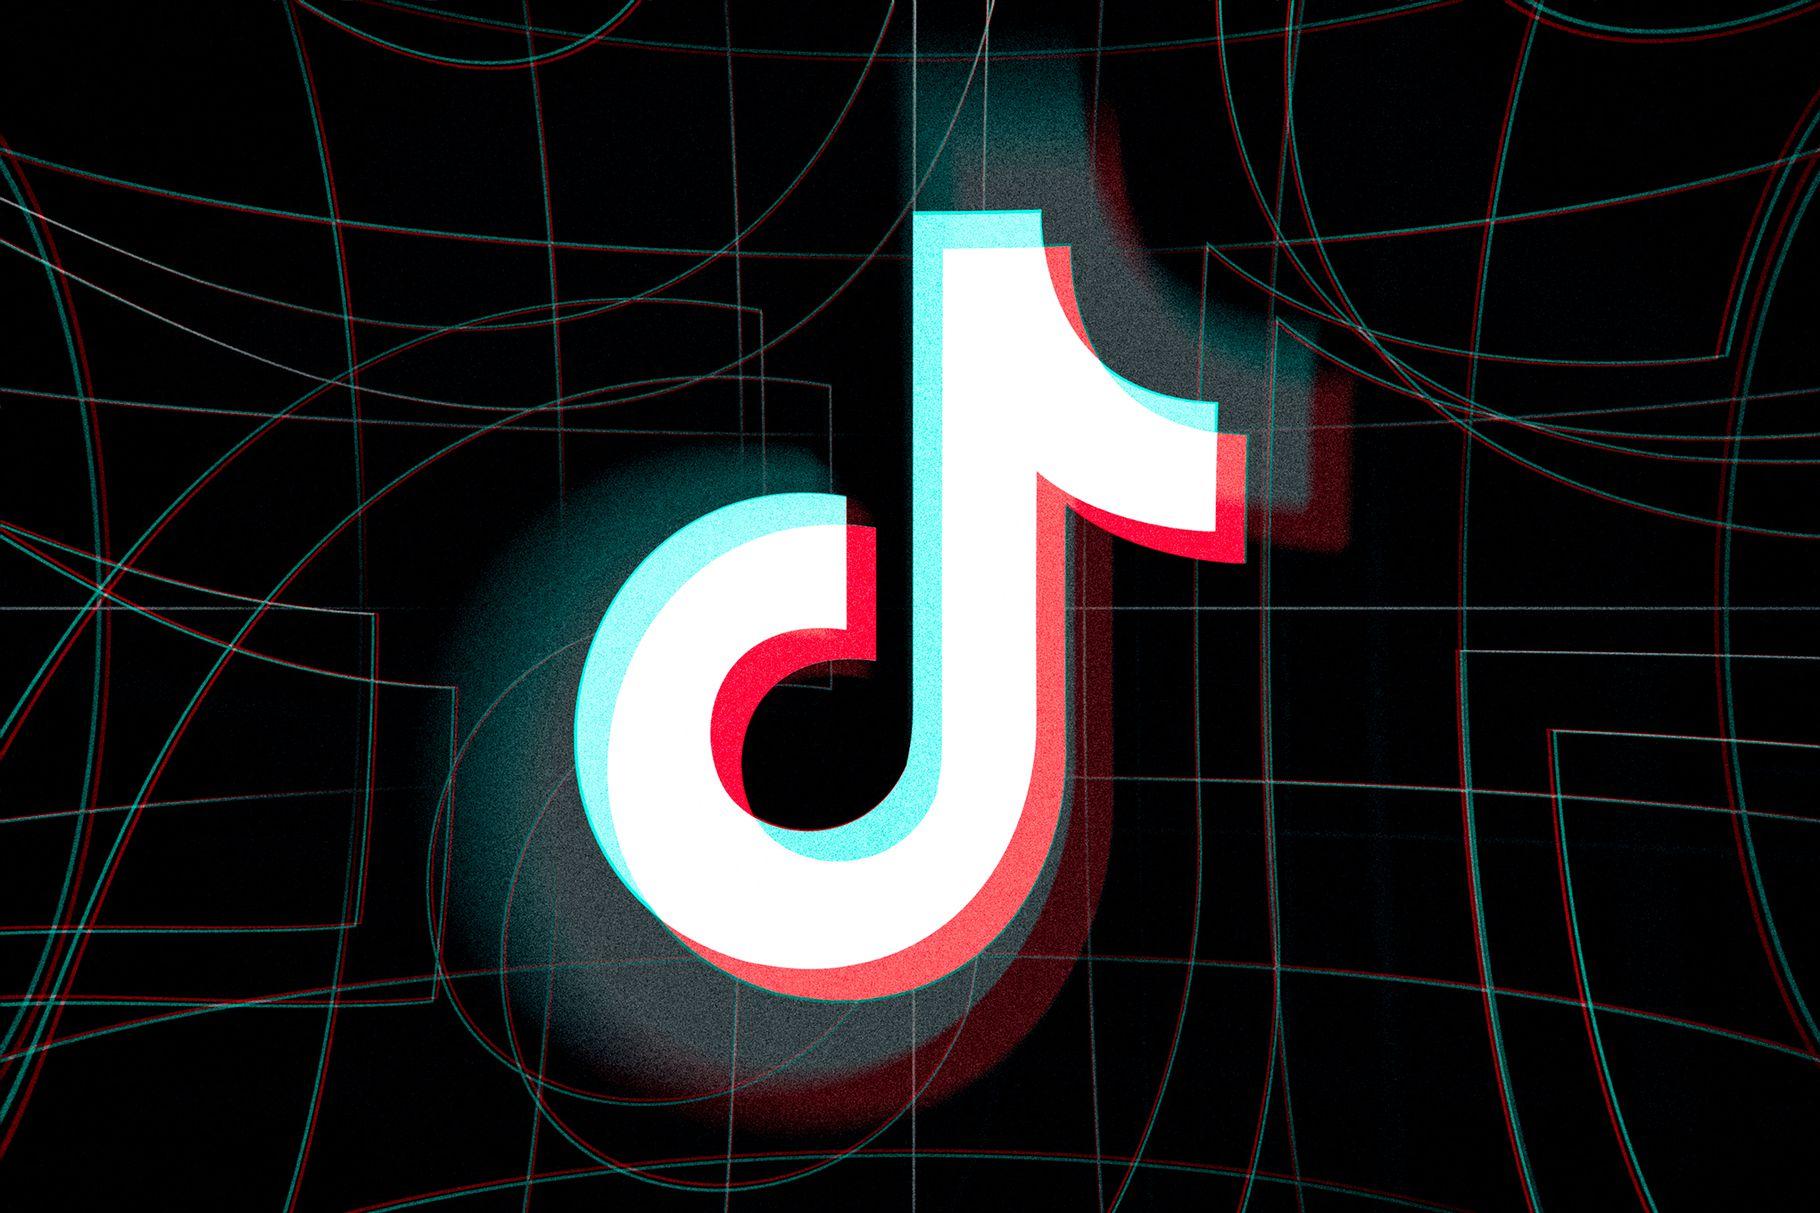 A TikTok logo set against a darkened background